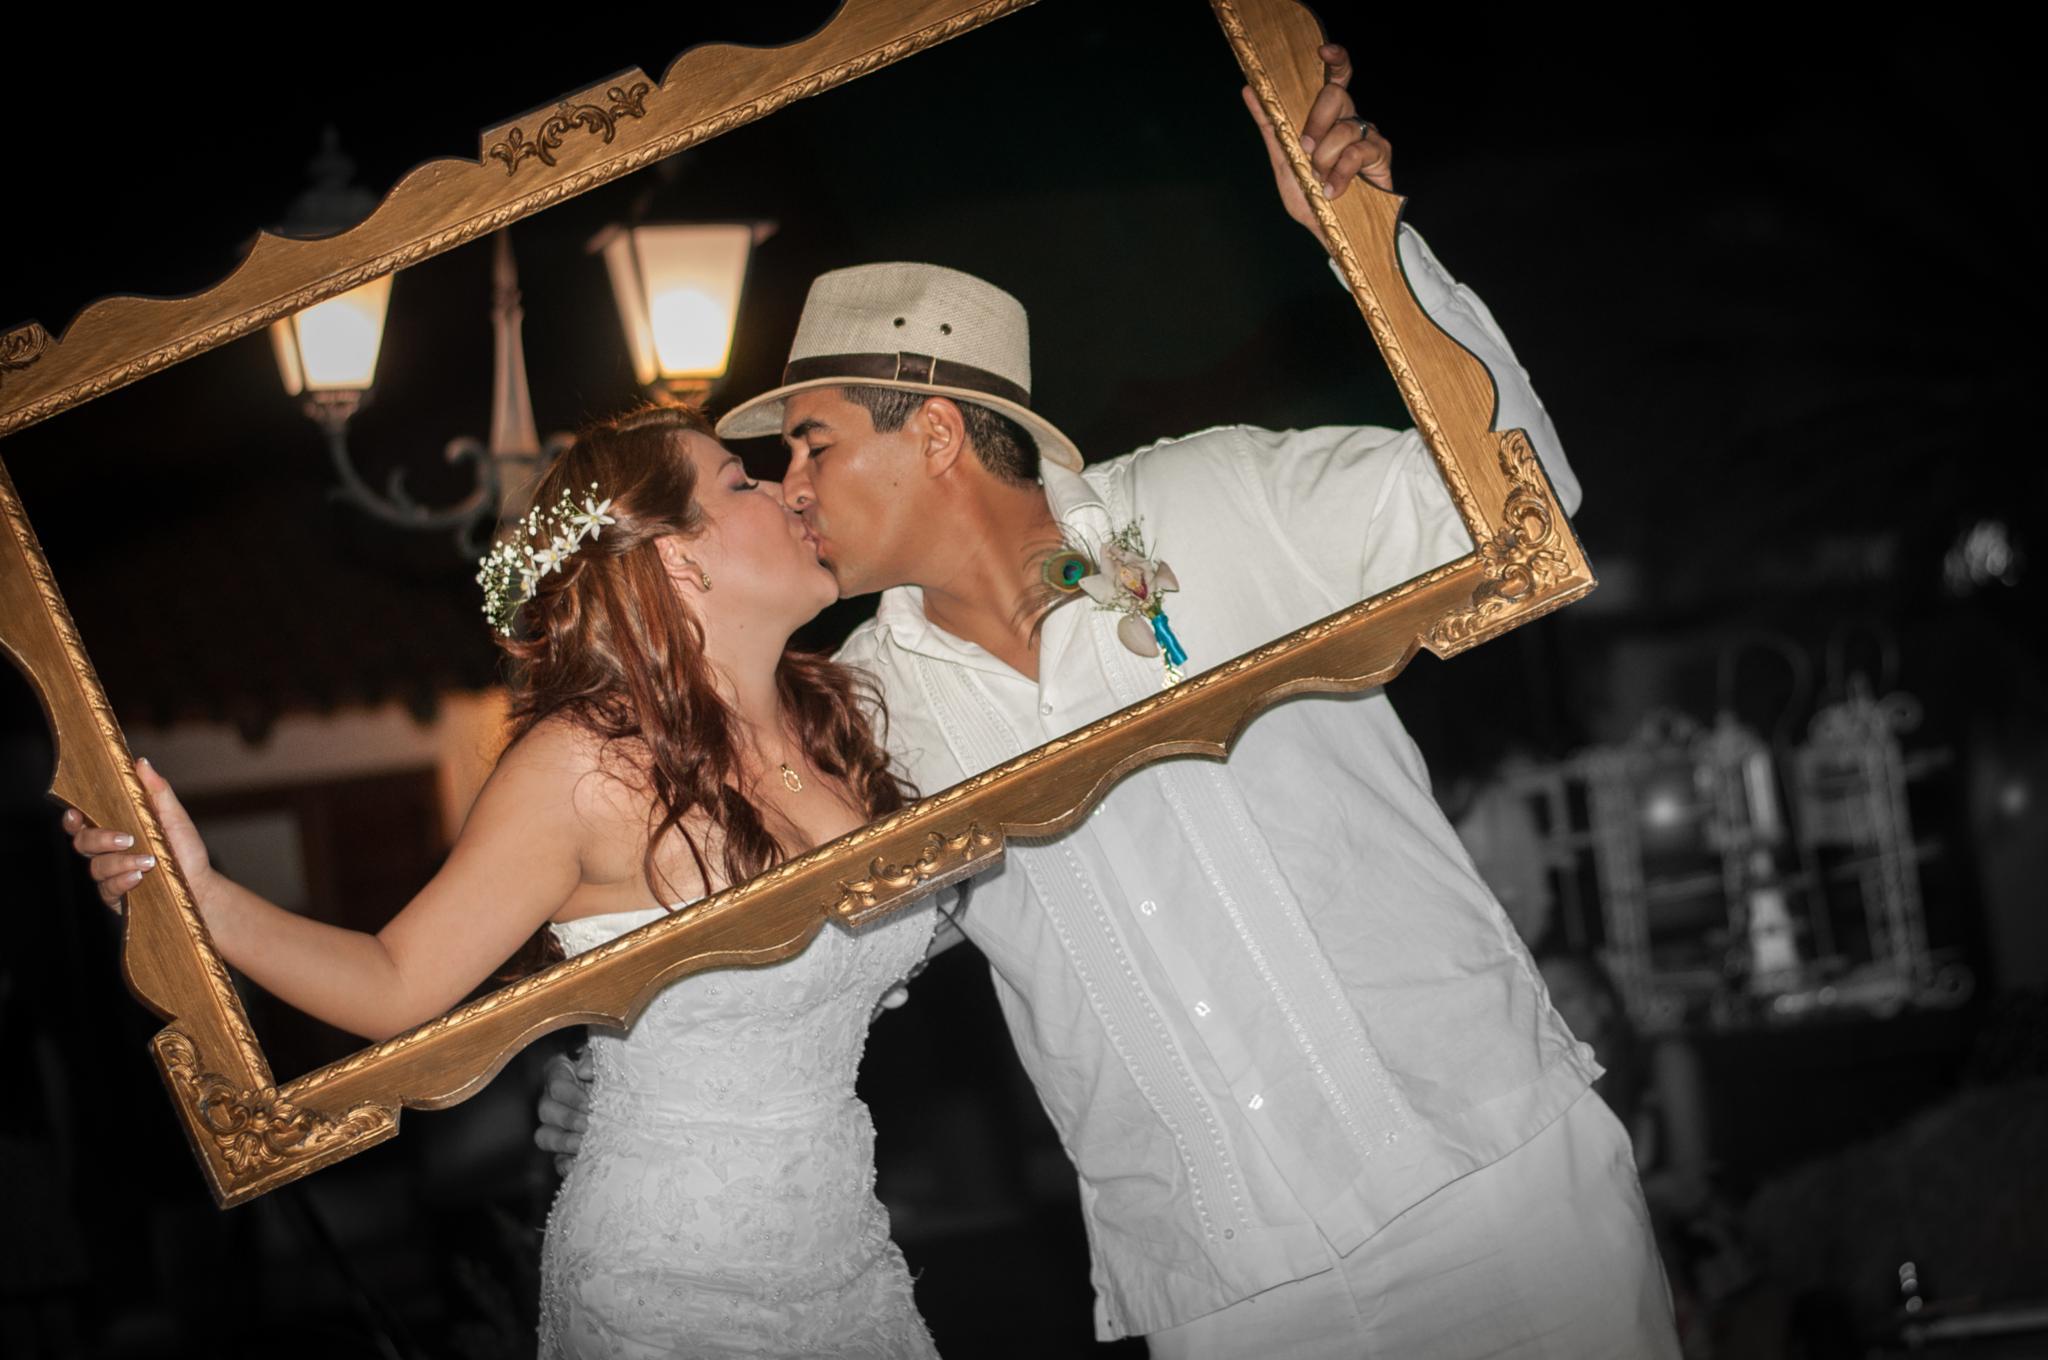 Friends Wedding by julian95rodriguez